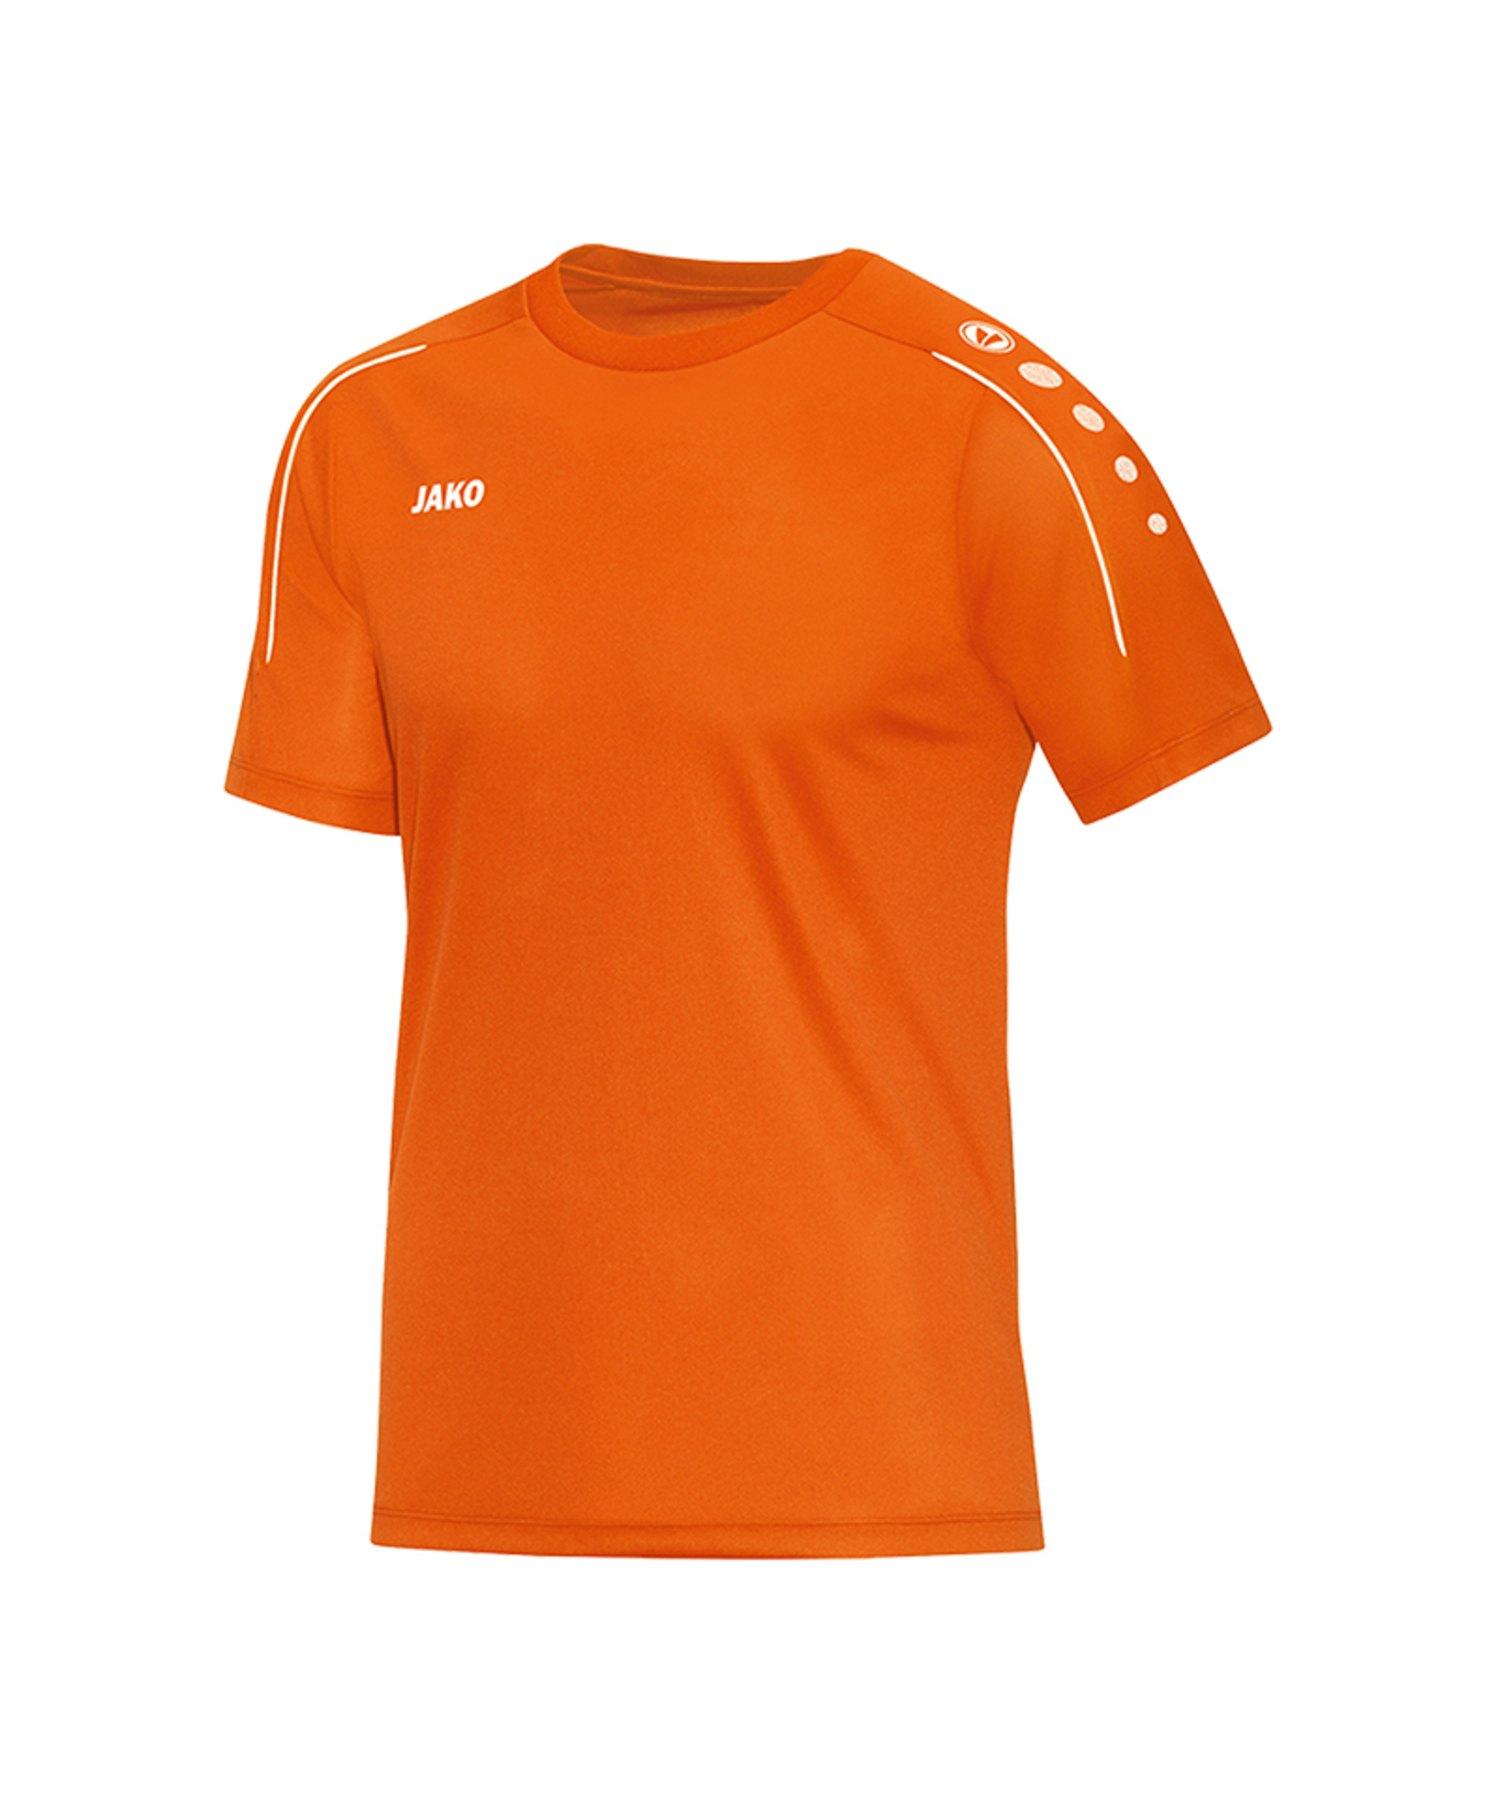 Jako Classico T-Shirt Kids Orange F19 - Orange